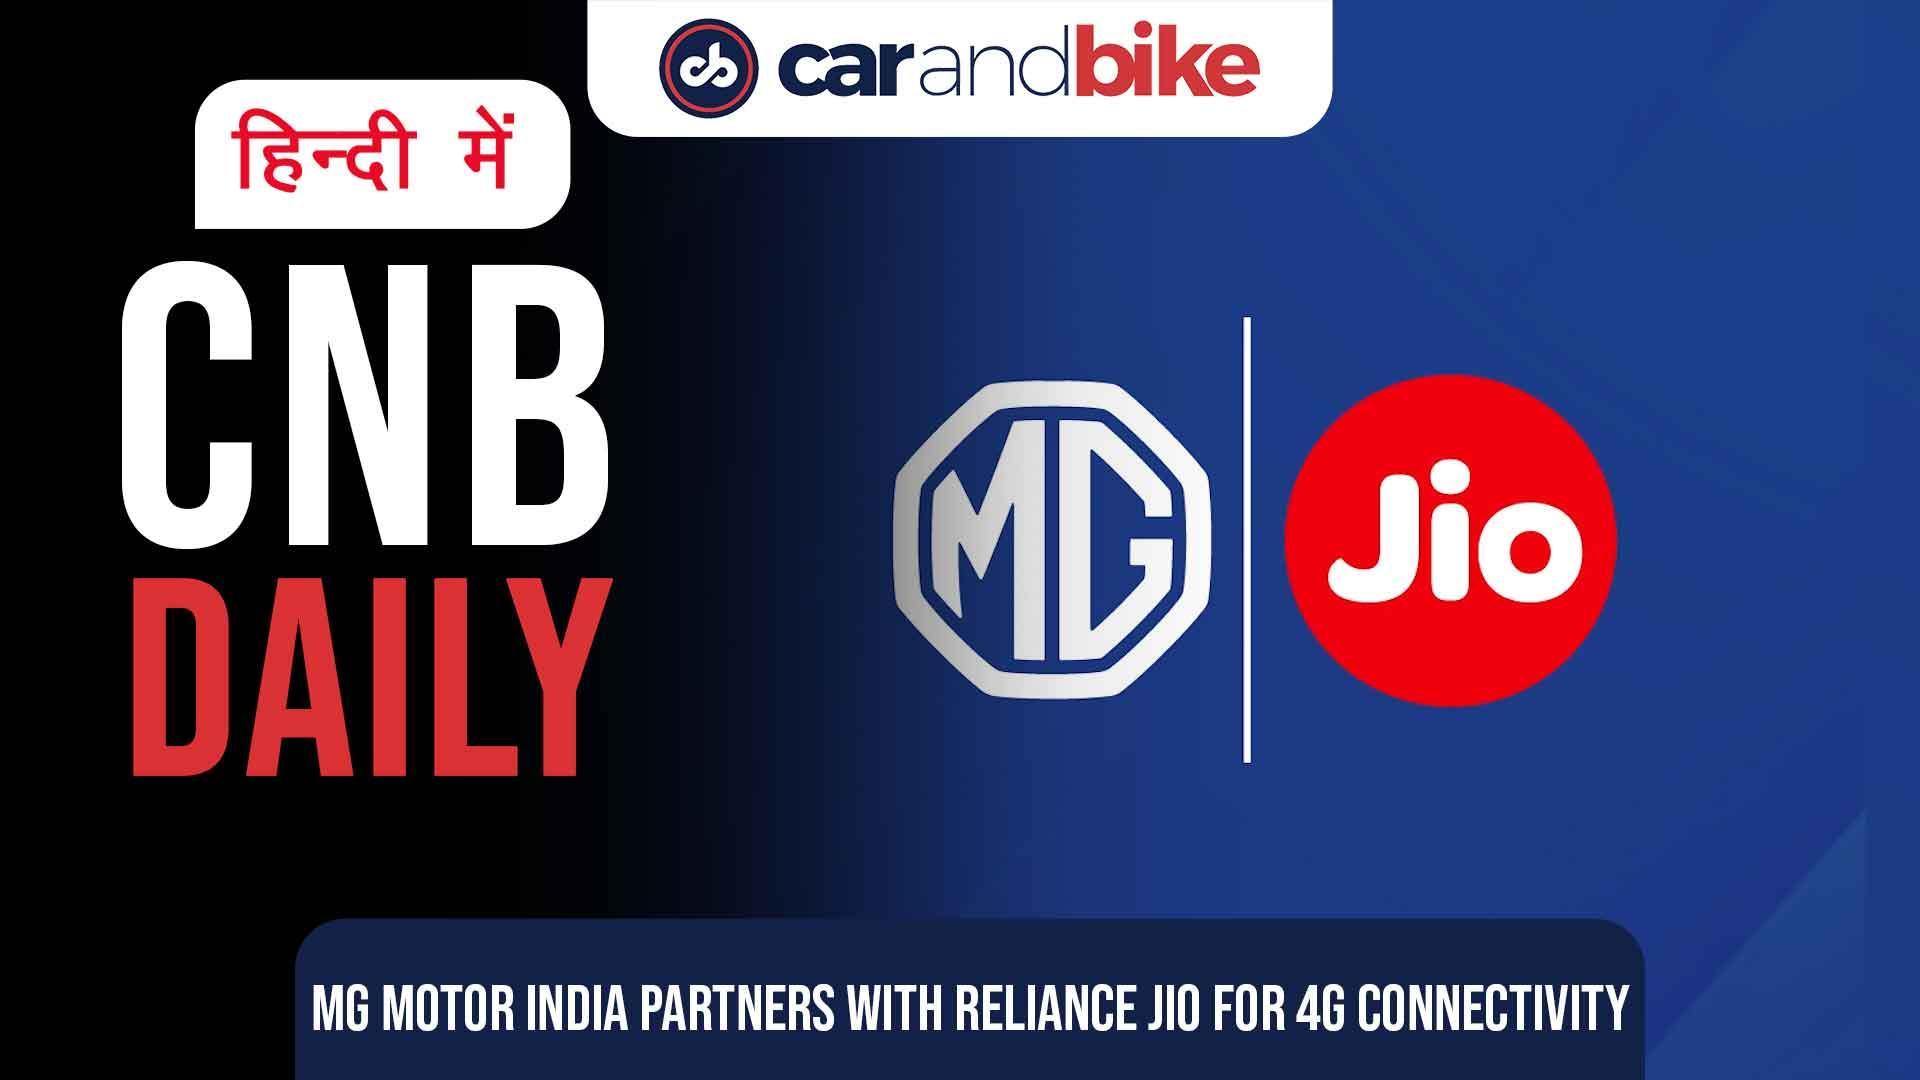 MG मोटर इंडिया ने रिलायंस जिओ से मिलाया हाथ